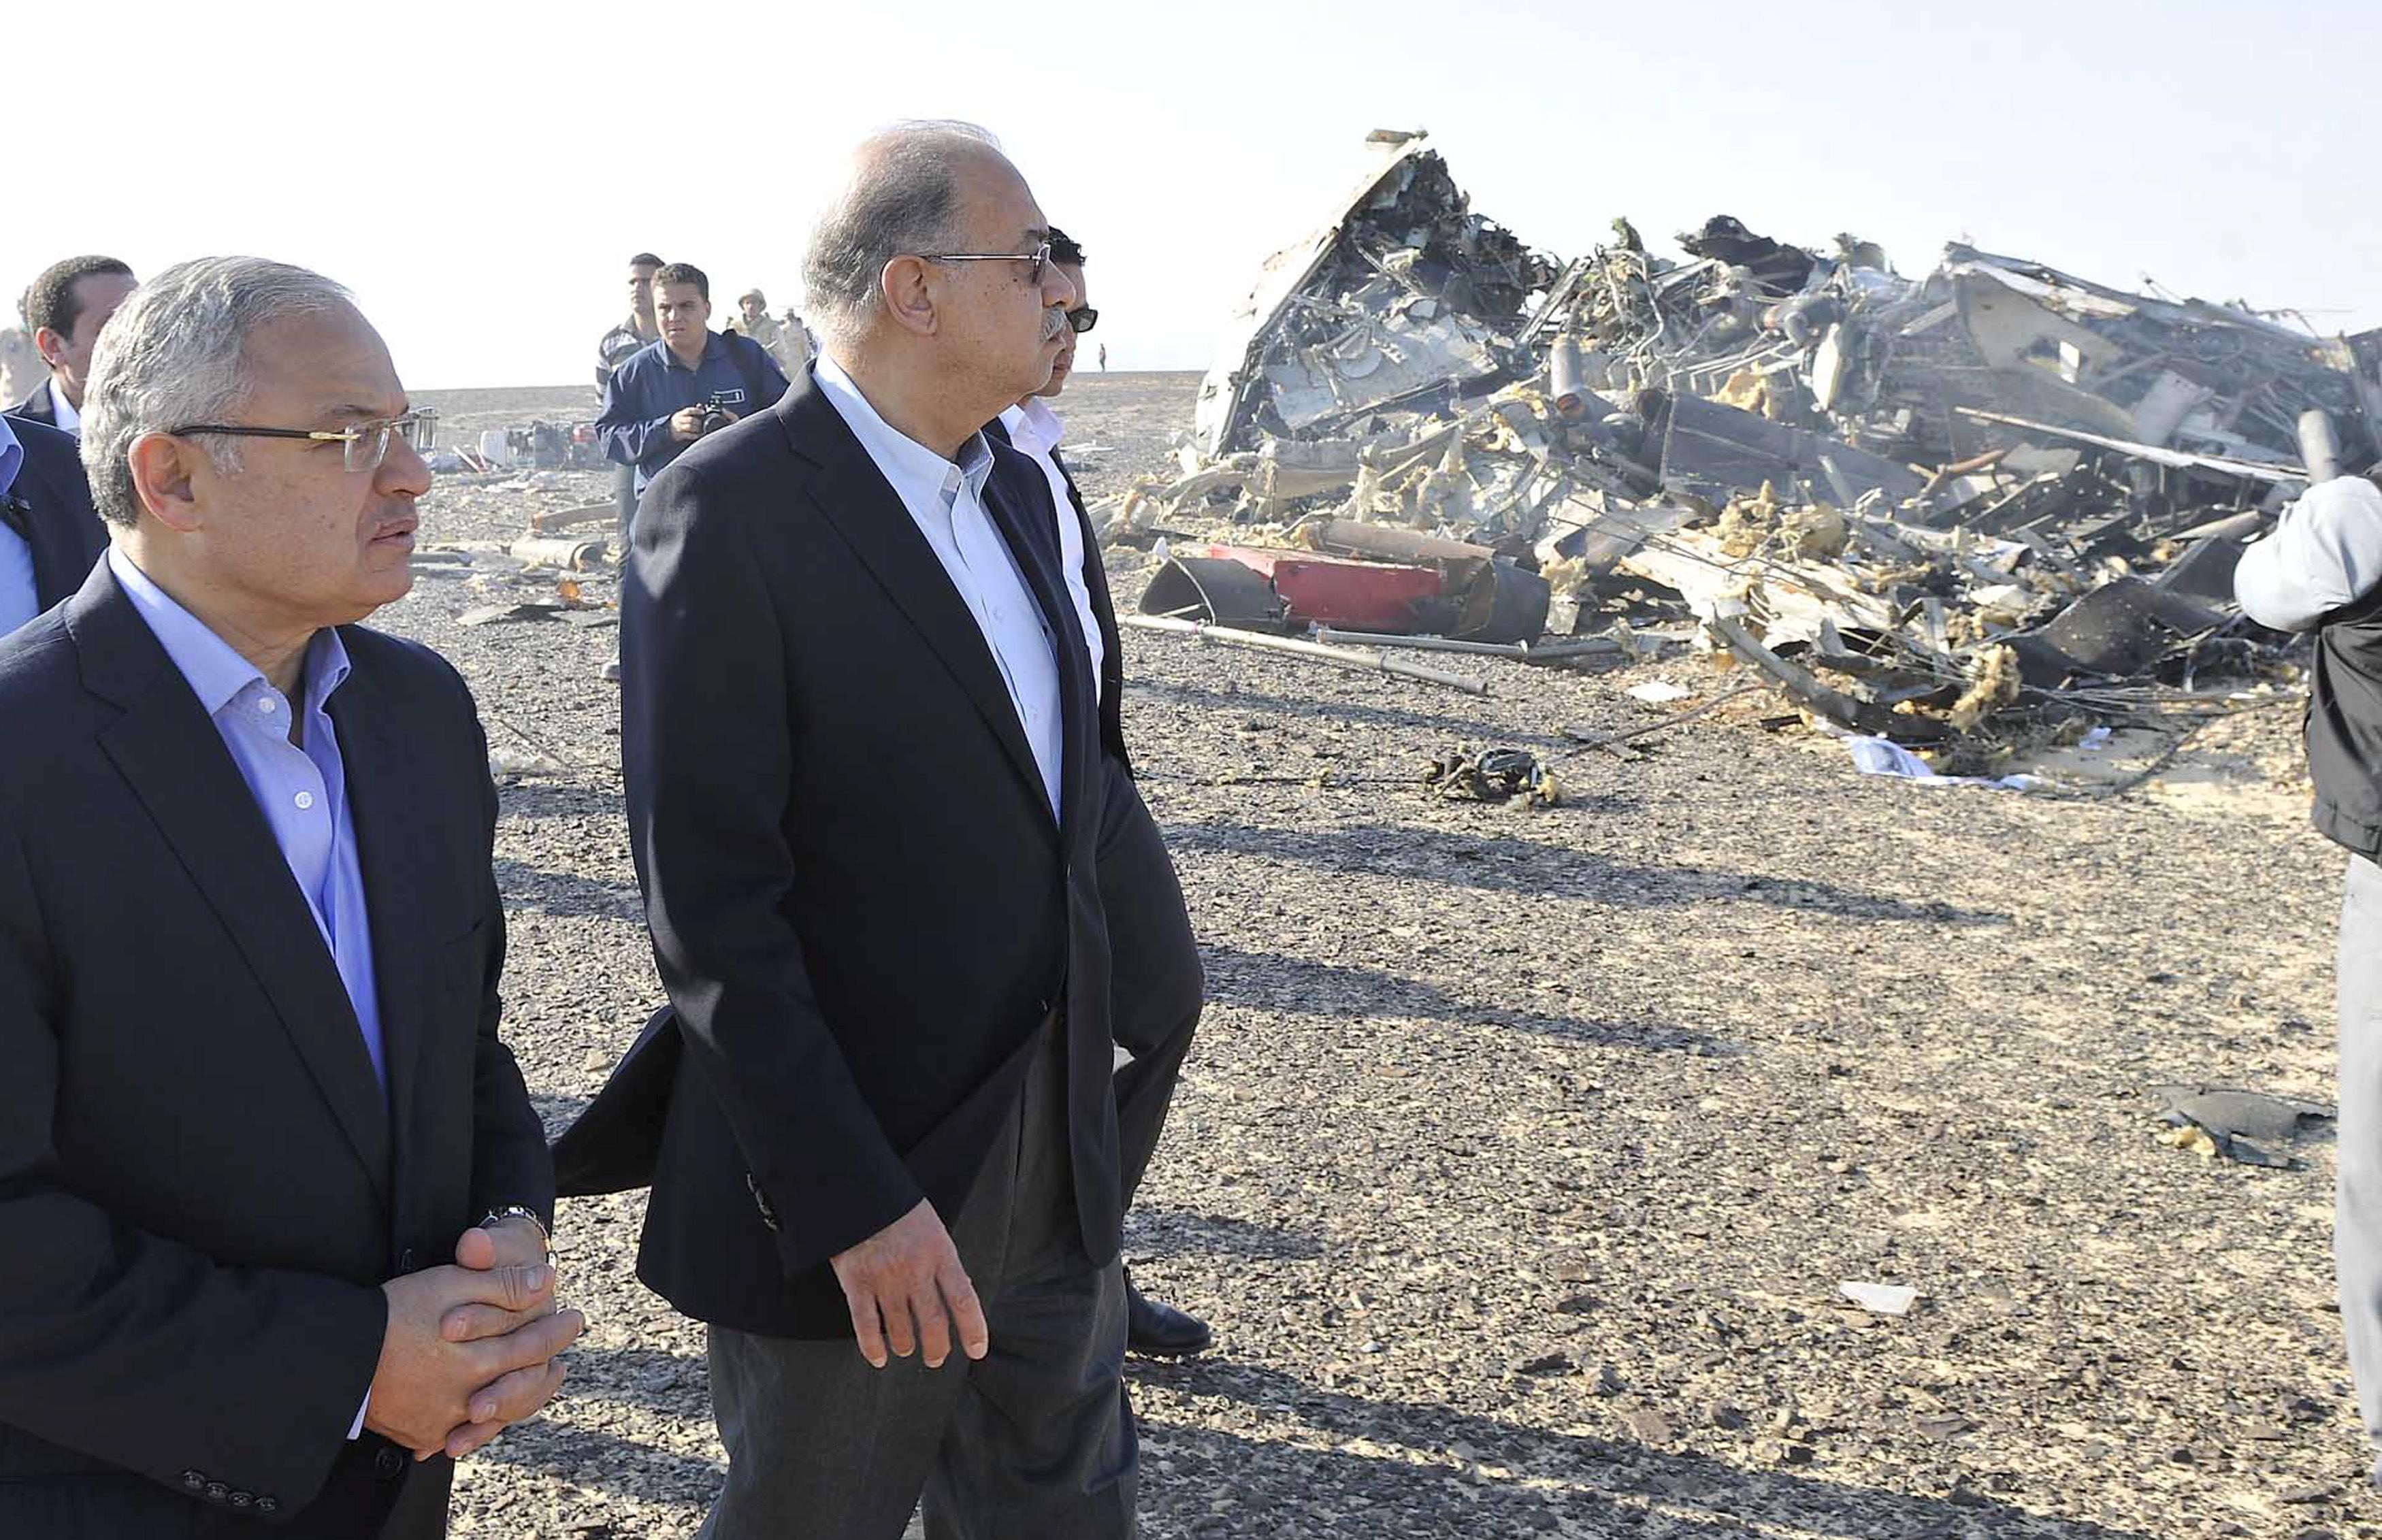 El primer ministro de Egipto, Sheirf Ismail, en la zona del siniestro. Foto: Reuters